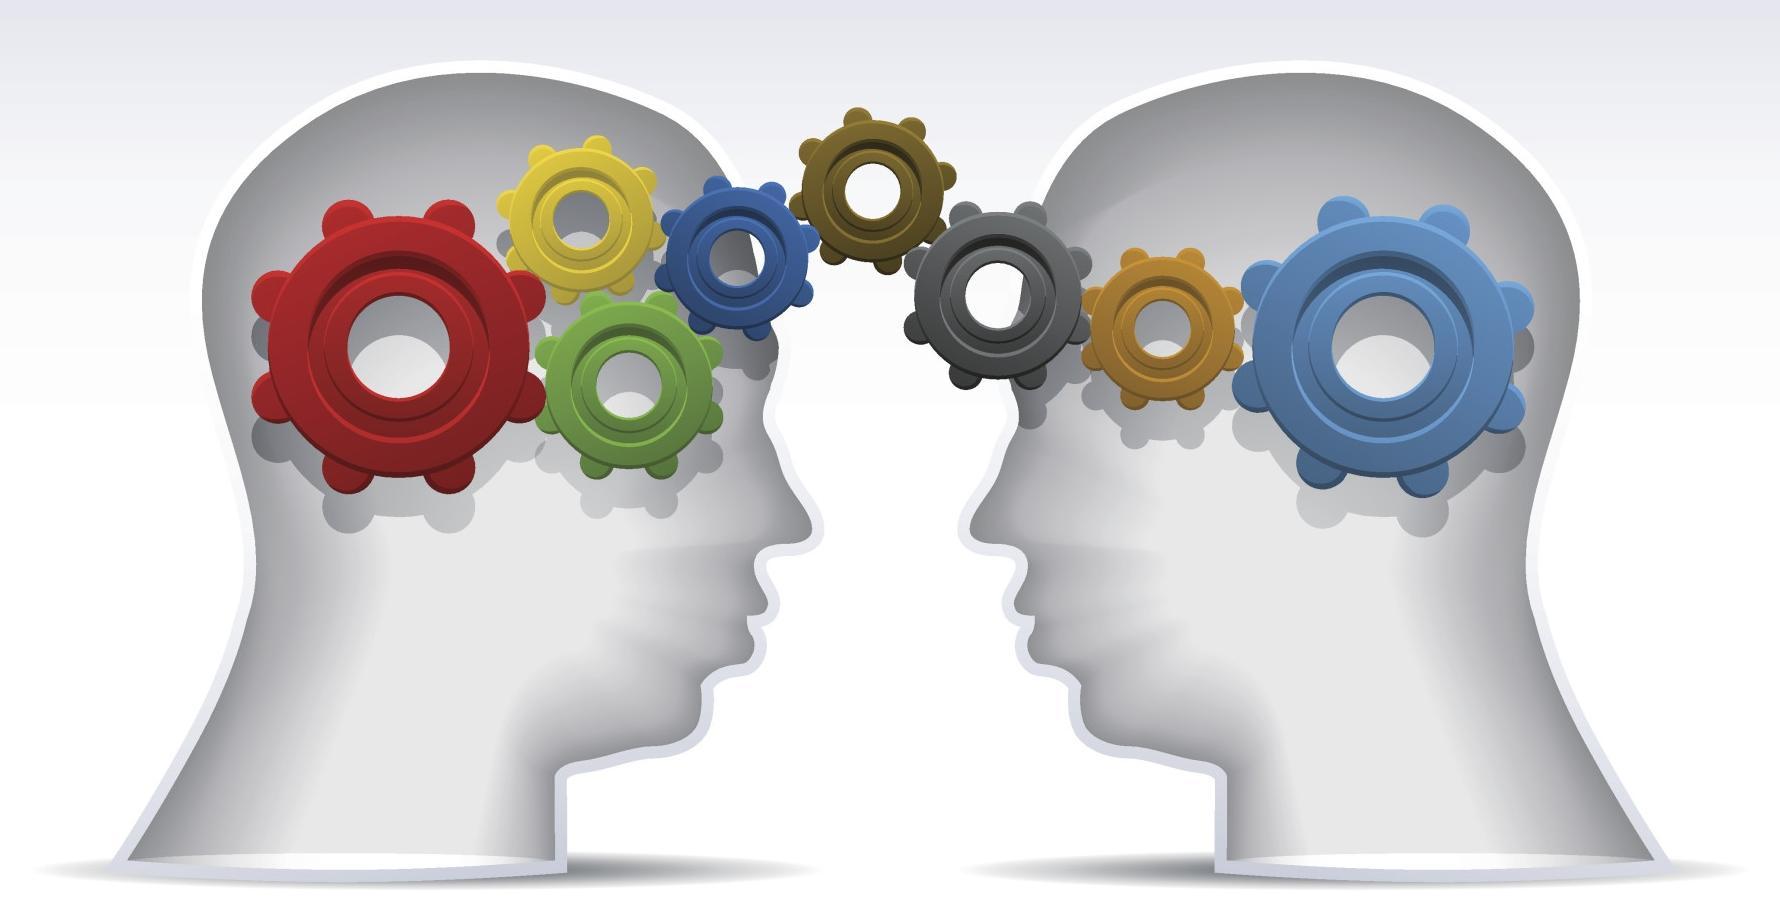 Нейроинтерфейс помогает обучаться